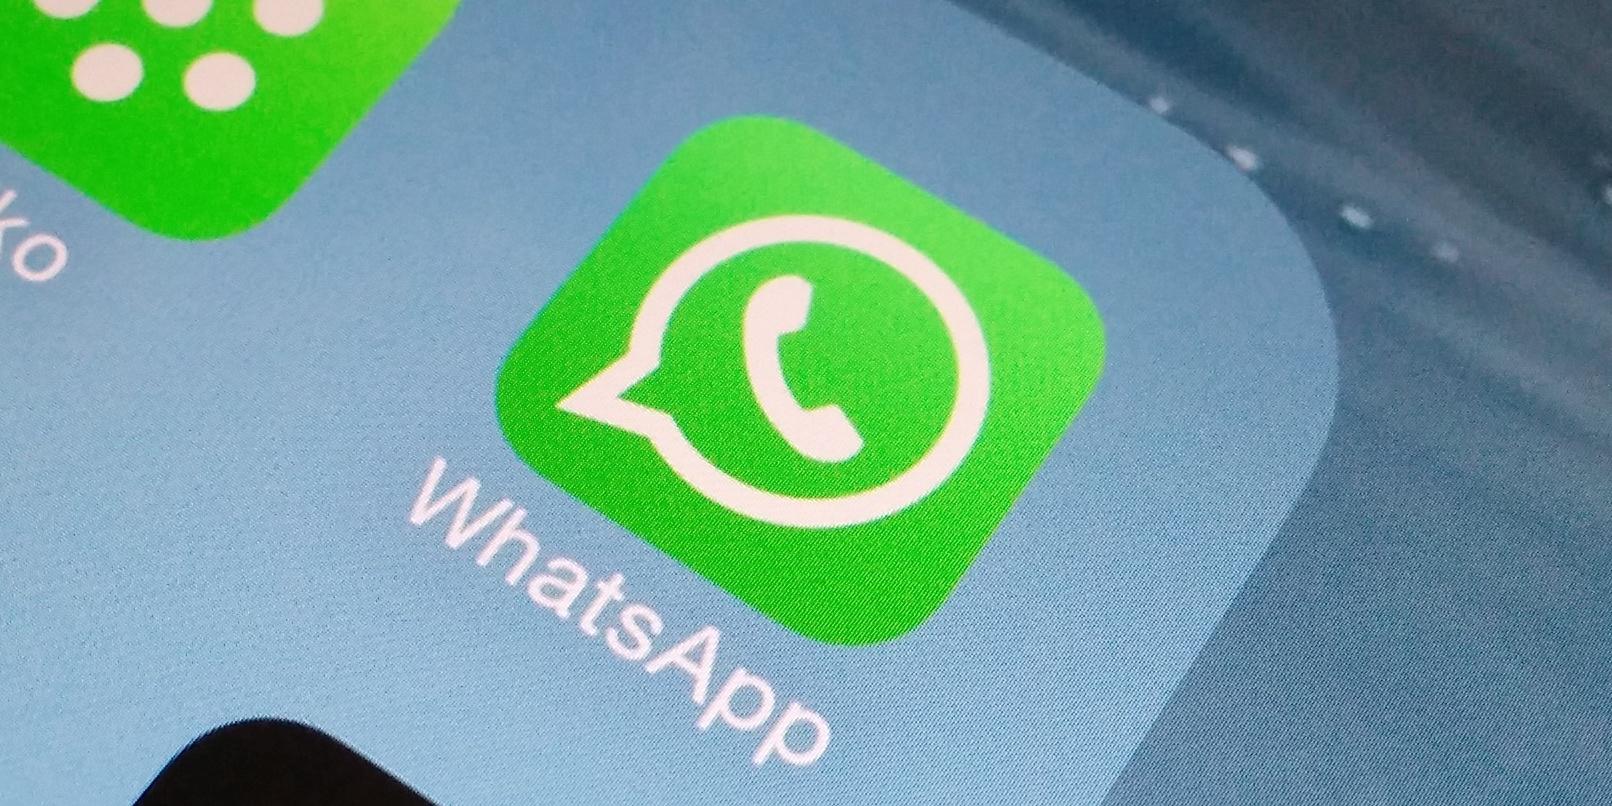 Ai instalat WhatsApp pe telefon? Iată ce se întâmplă de acum încolo